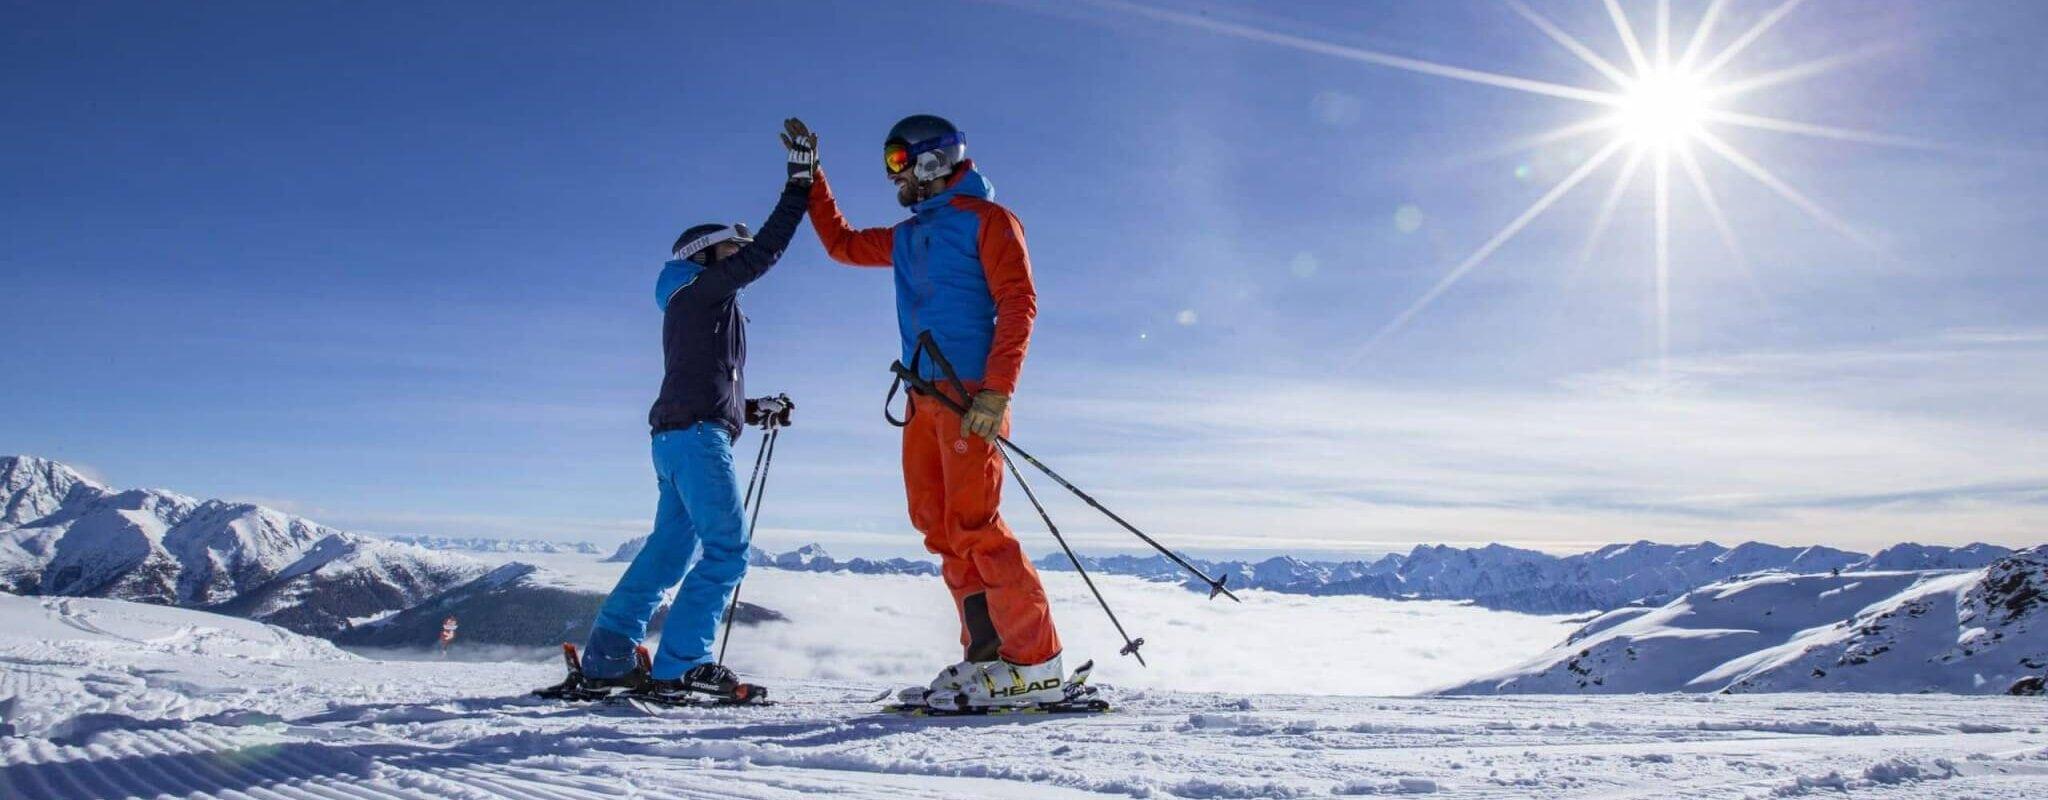 Skifahren Sillian Hochpustertal Winter Osttirol Strasserwirt